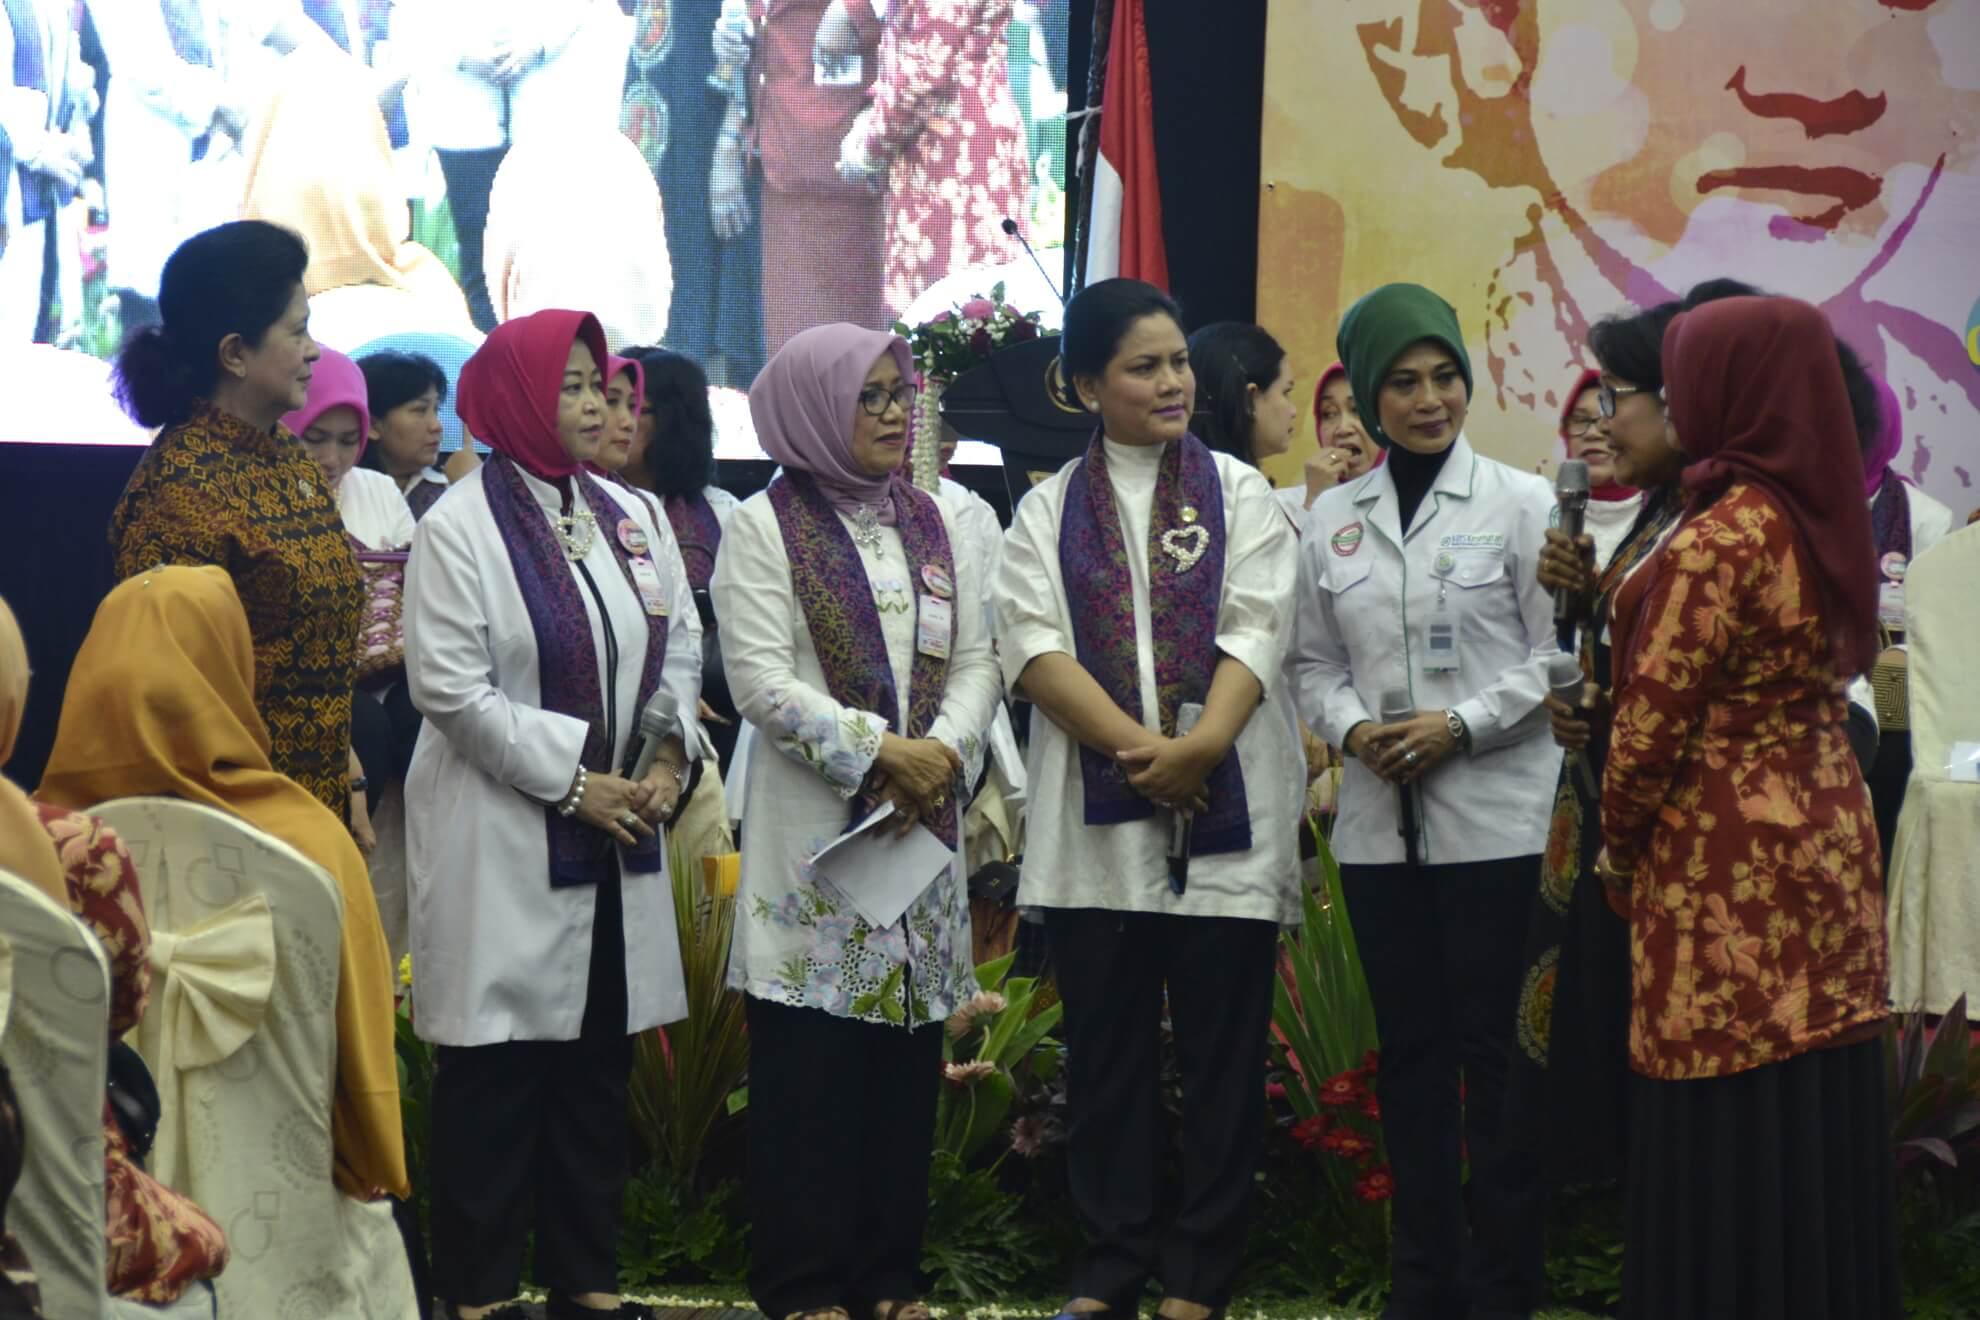 dialog-interaktif-bersama-menkes-iriana-joko-widodo-dan-mufidah-jusuf-kalla-dalam-aksi-dharma-wanita-persatuan